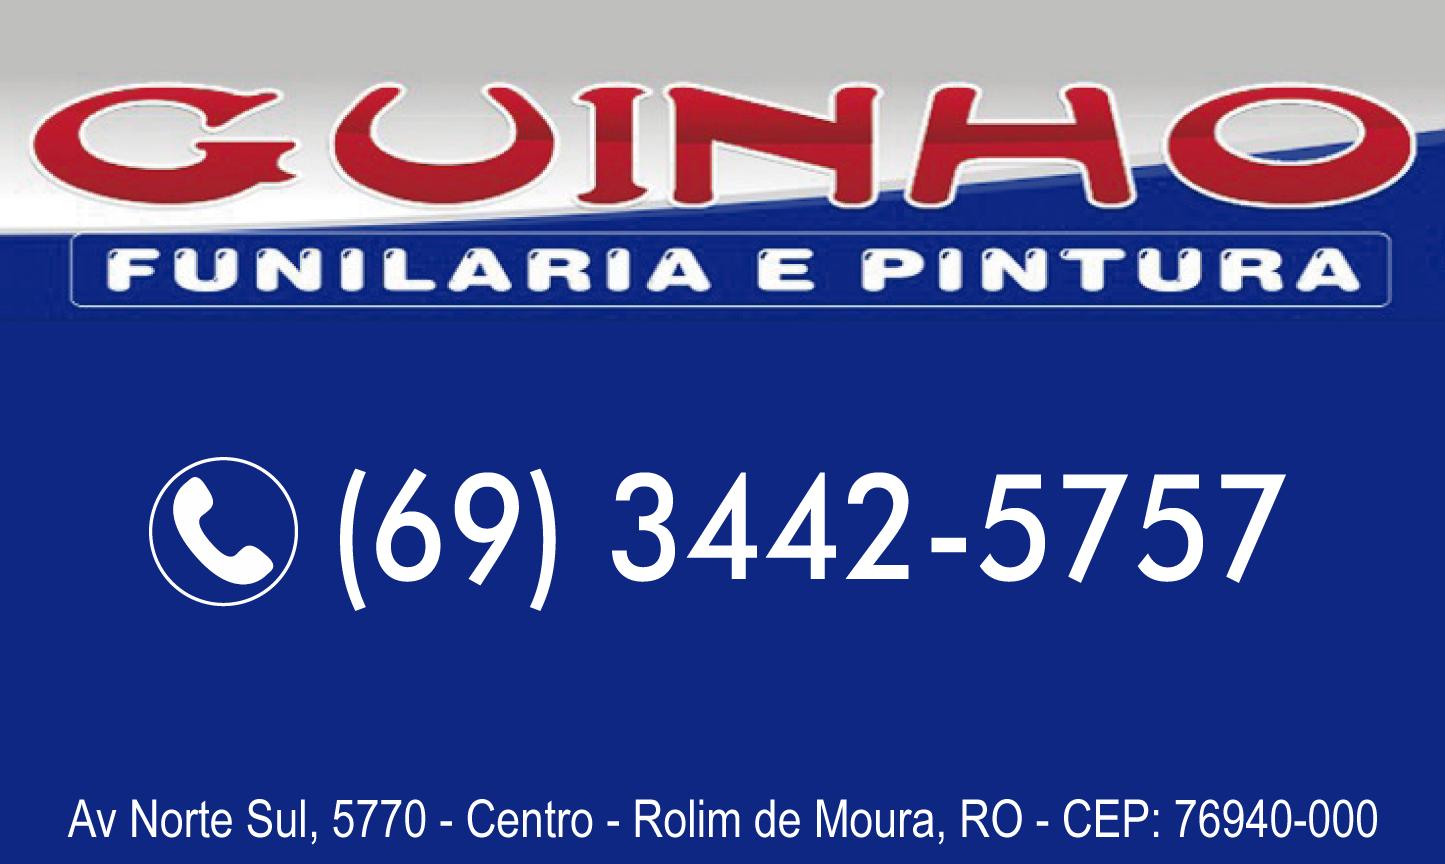 Guinho Funilaria